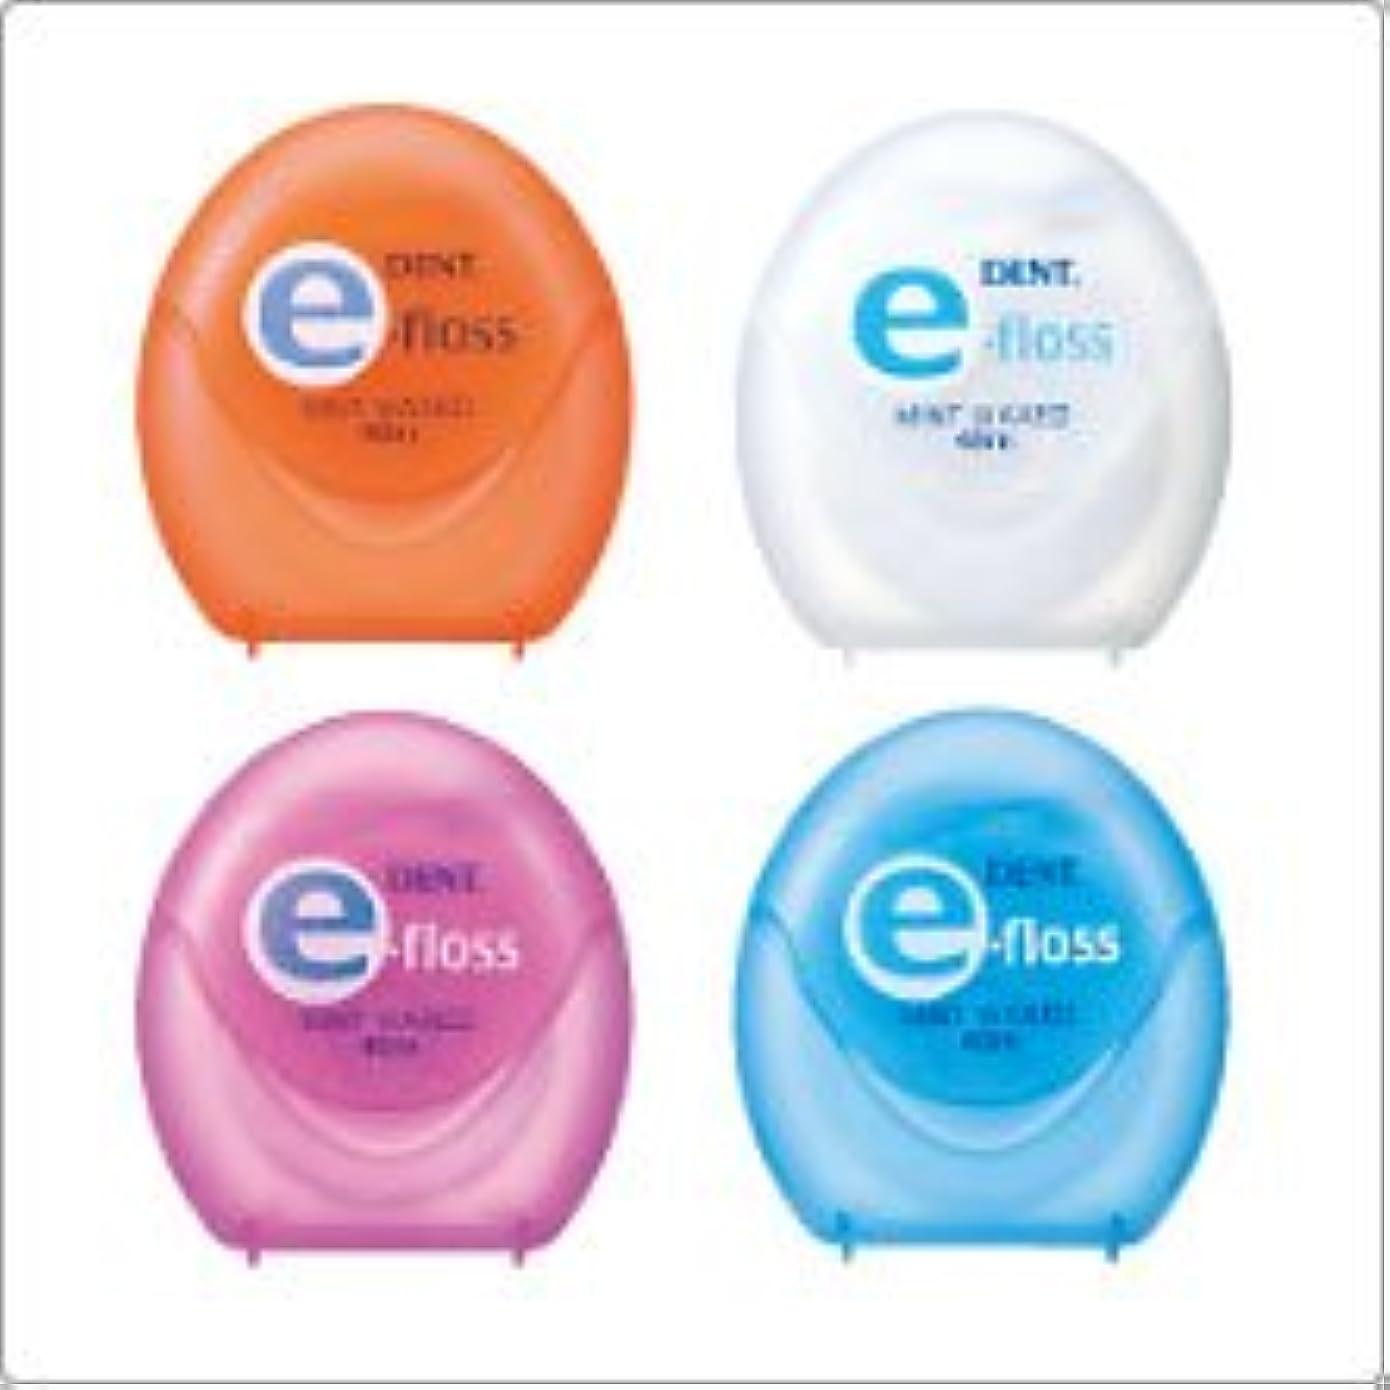 ダウン変換する入り口ライオン歯科用DENT.e-fross 12個 フロスデント イーフロス